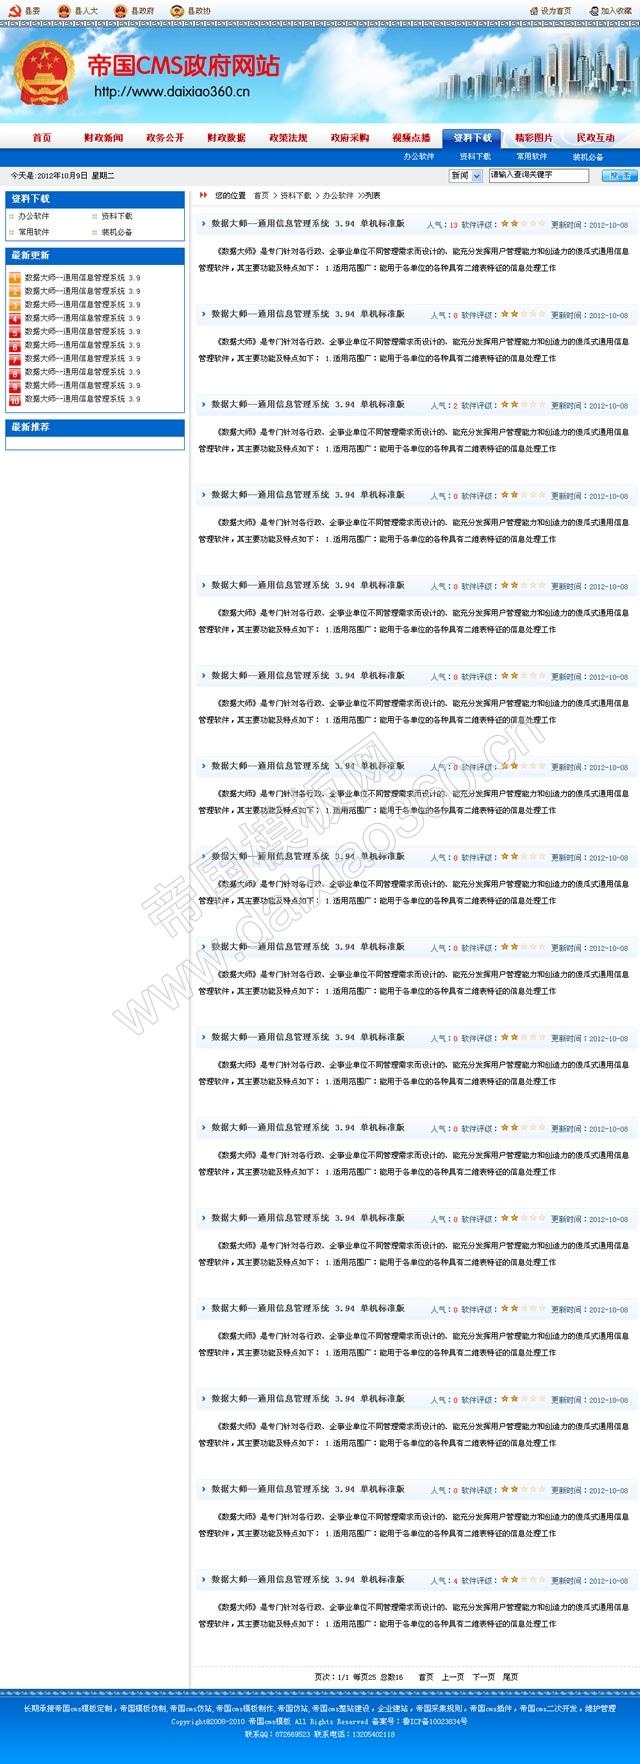 帝国cms蓝色政府网站模板,政府网站源码_下载列表